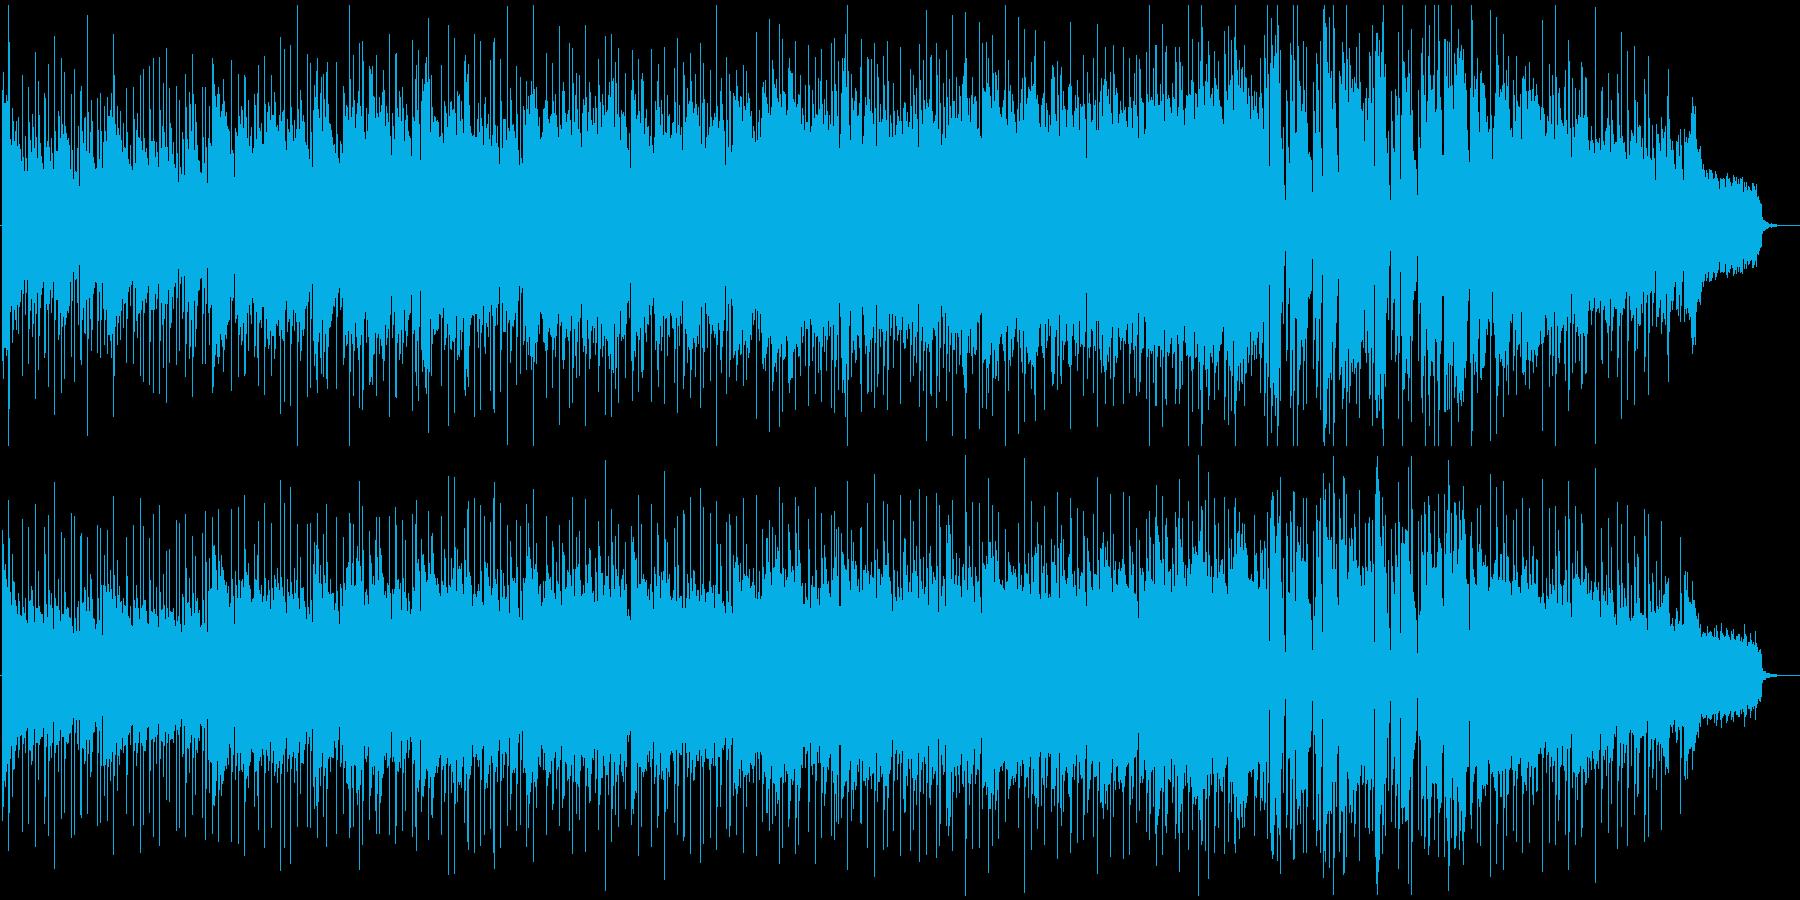 軽快で落ち着いたBGMの再生済みの波形